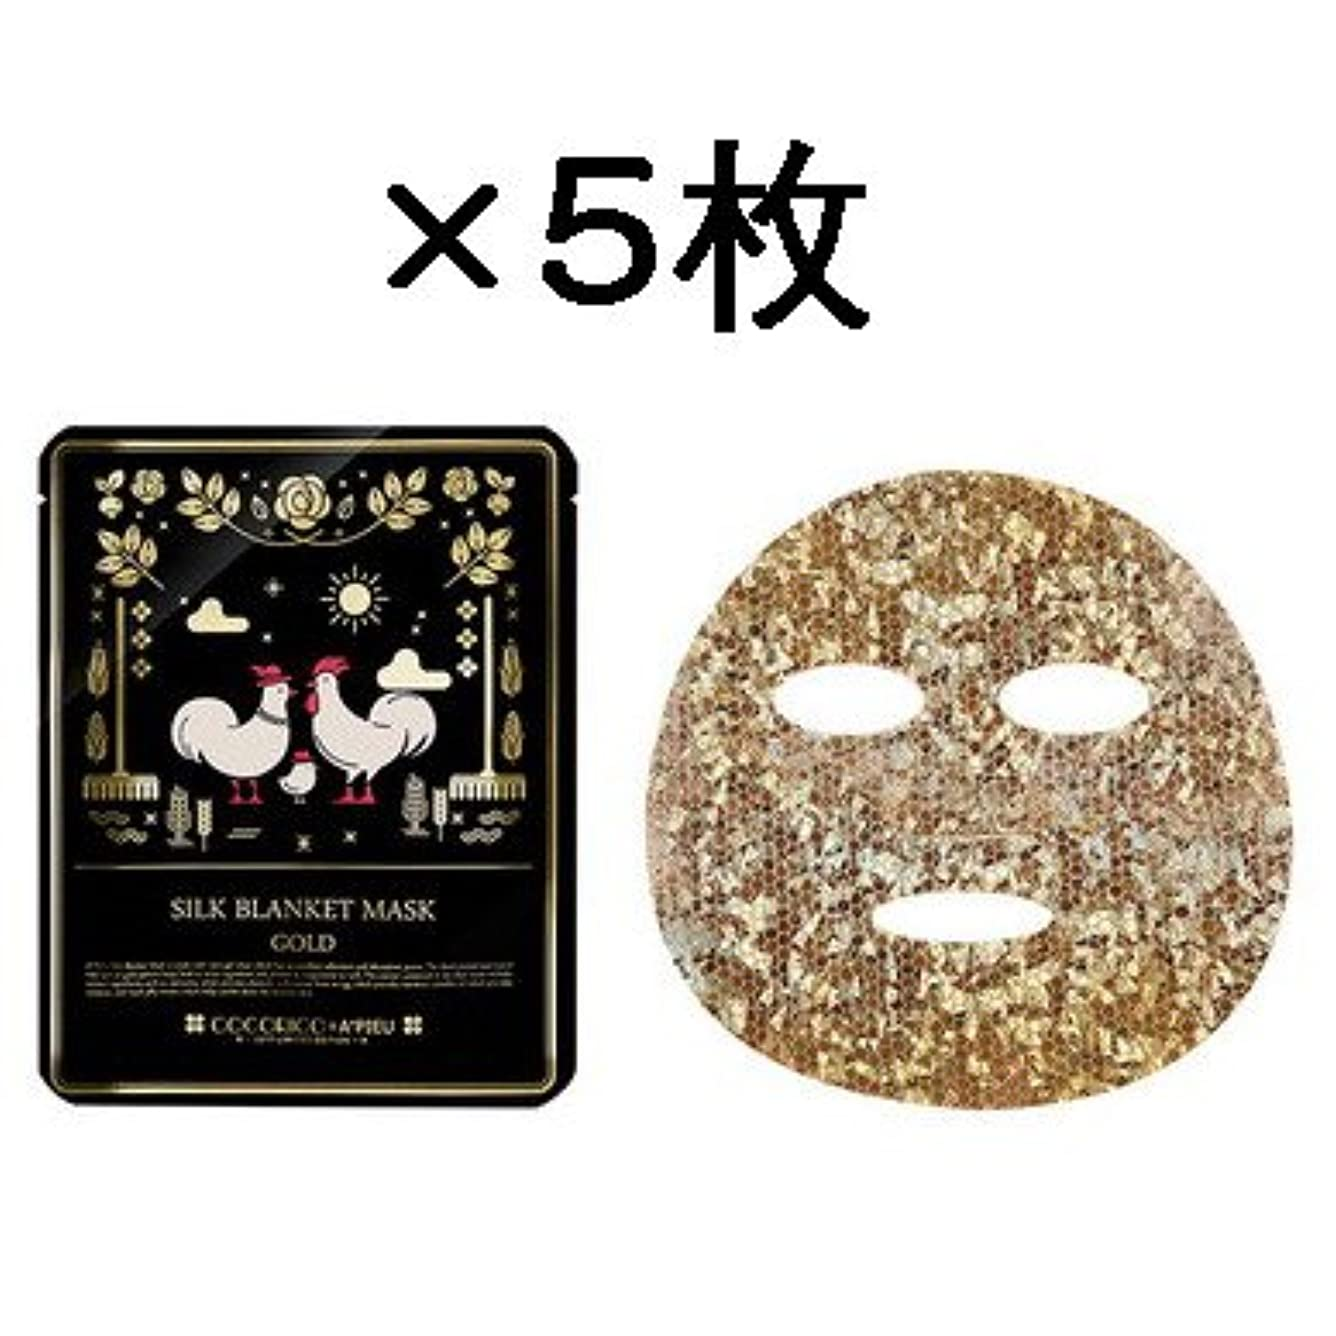 限りなく反射王室【A'PIEU(アピュー)】 錦布団マスク23g×5枚セット(金糸- 栄養&ツヤ) [並行輸入品]